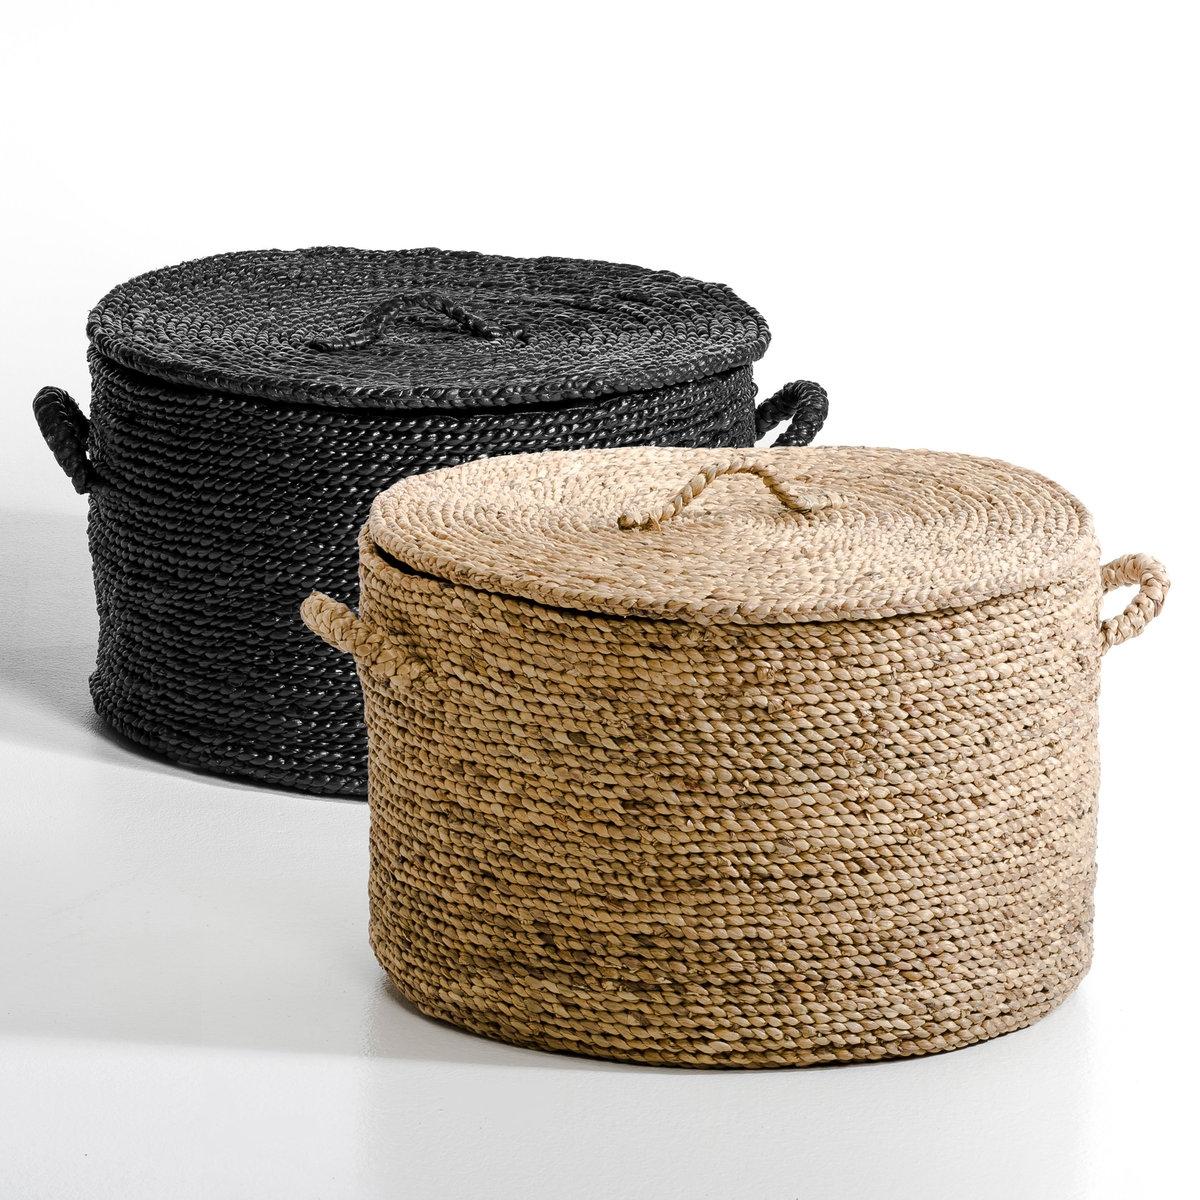 Корзина круглая из плетеных волокон эйхорнии. В36,5 см, Liane